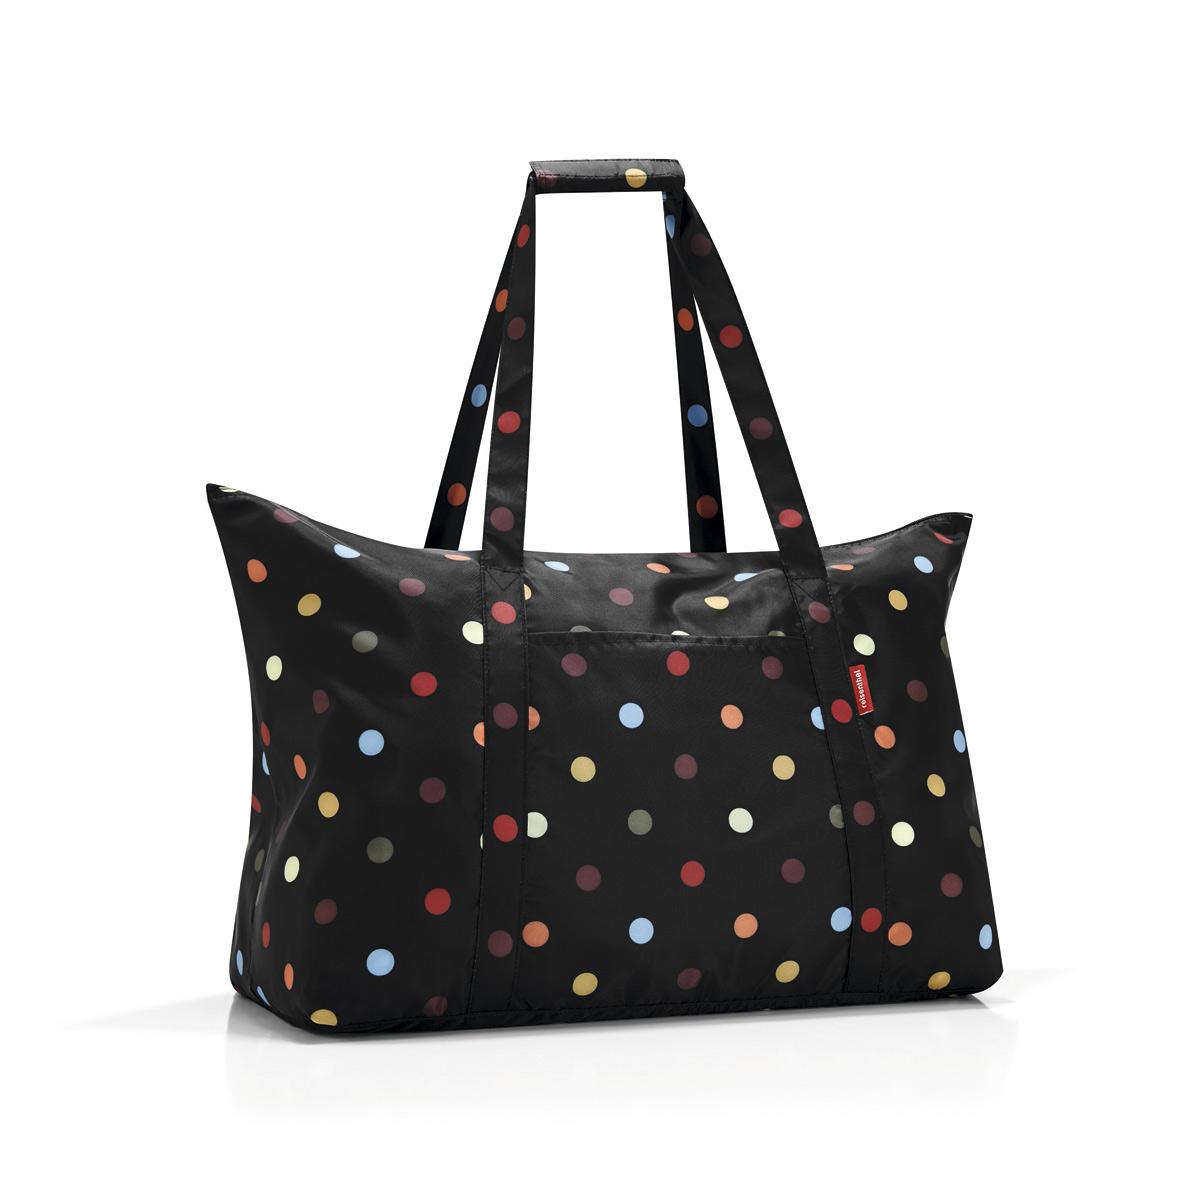 Сумка складная женская Reisenthel Mini maxi travelbag dots, цвет: черный. AG7009AG7009Идеальный компаньон для путешествий, ведь из поездки мы всегда возвращаемся со множеством сувениров и покупок. Так что еще одна сумка пригодится. Она легко складывается в маленький чехол, которые можно взять с собой в сумке или рюкзаке. Так же можно использовать для похода за продуктами. Внутренний объем сумки - 30 литров. Есть внешний кармашек для мелочей. Для удобства ручки сумки можно соединить между собой.